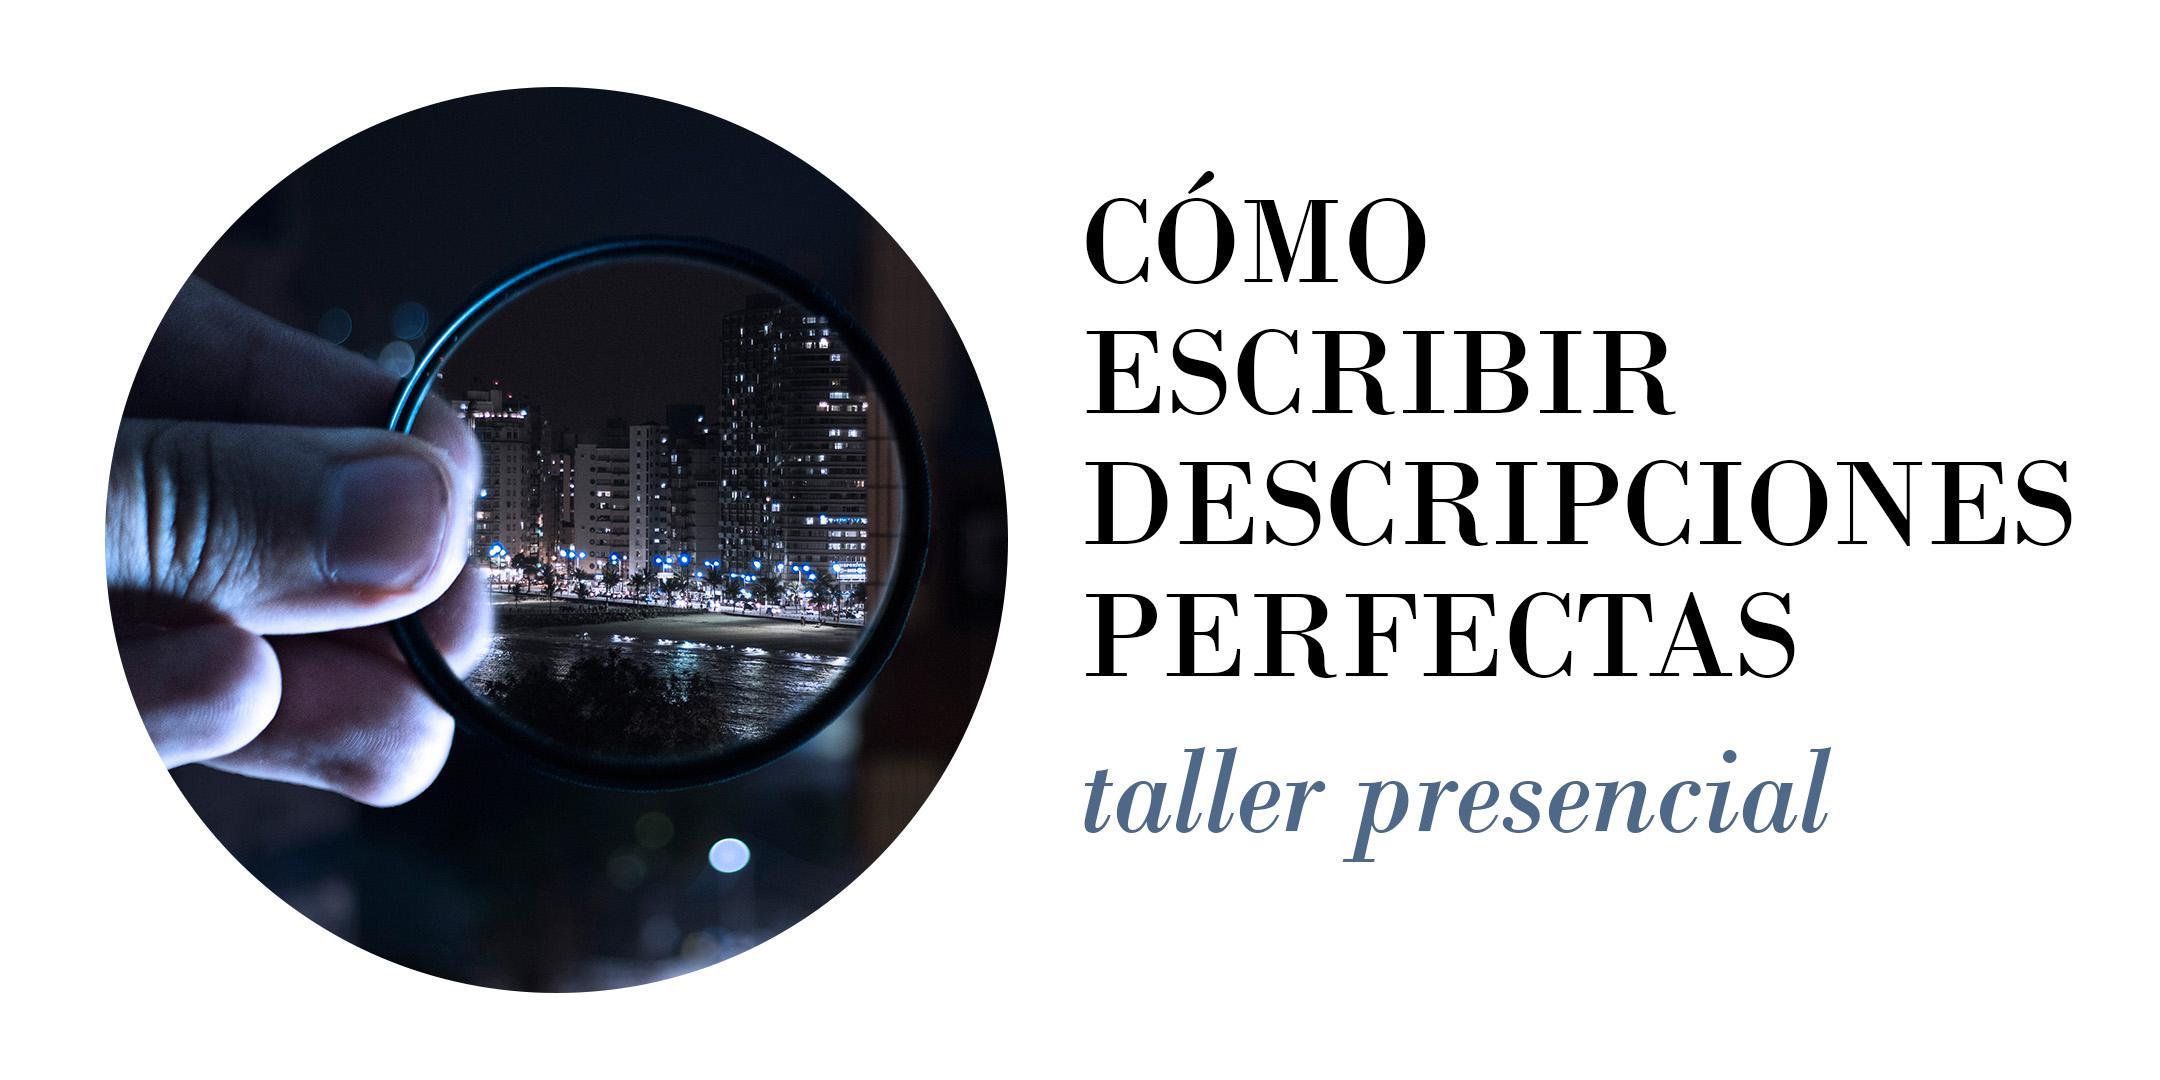 Cómo escribir descripciones perfectas. Taller